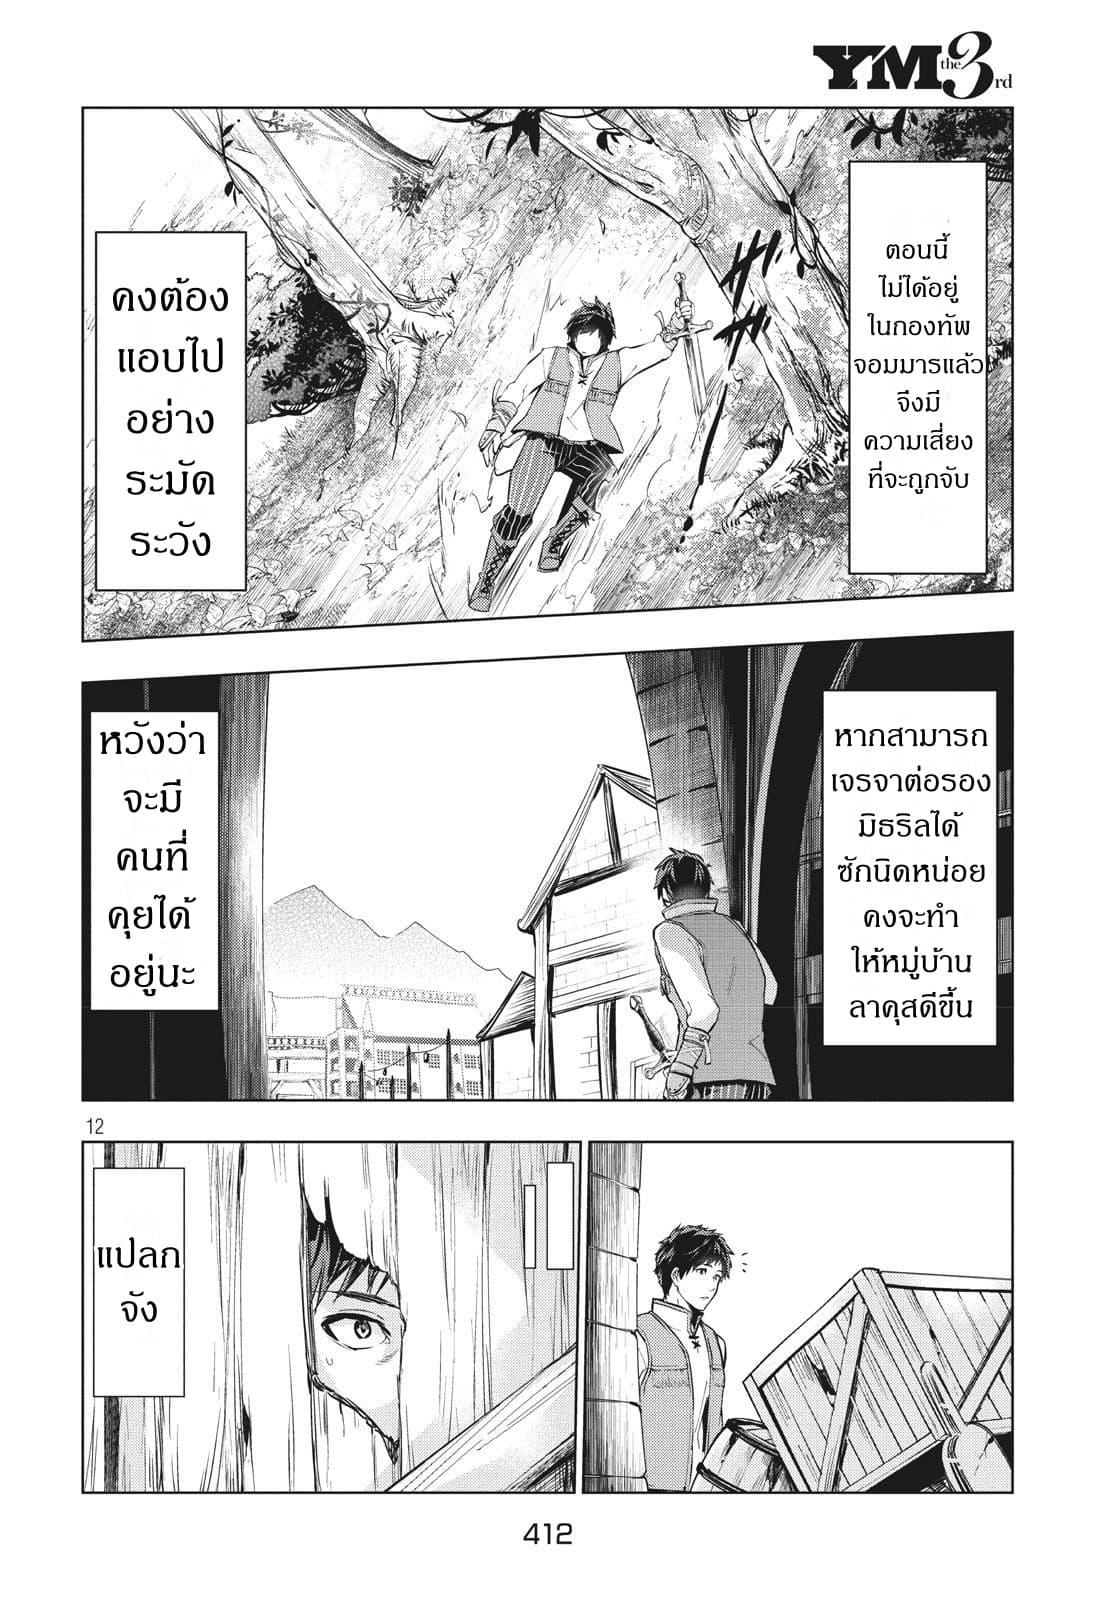 อ่านการ์ตูน Kaiko sareta Ankoku Heishi (30-dai) no Slow na Second ตอนที่ 5.1 หน้าที่ 11